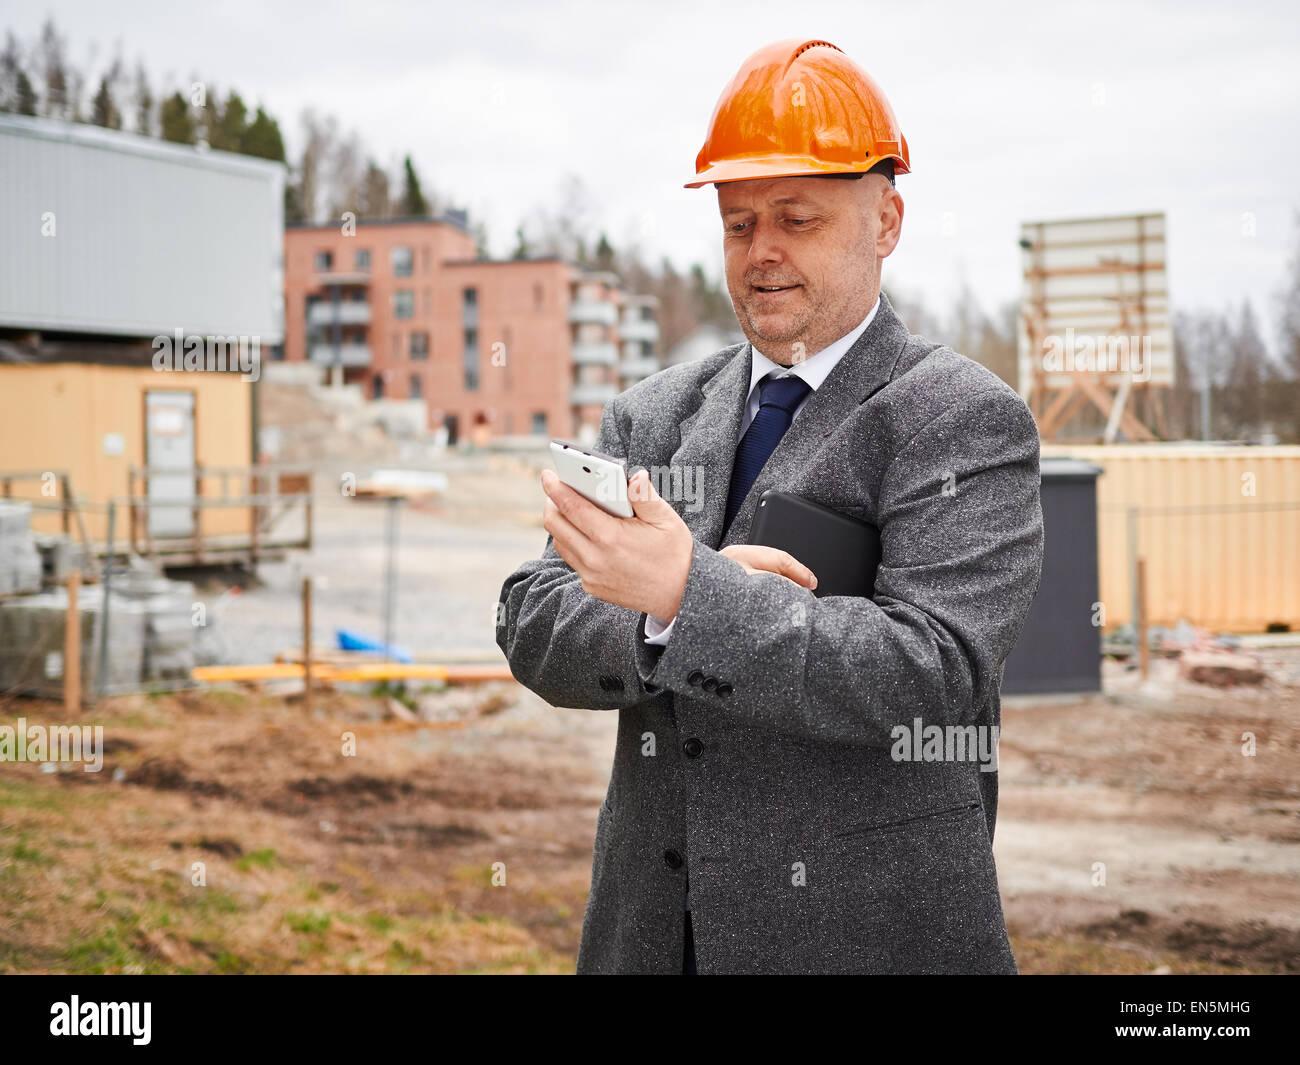 Ingénieur mâle utilise un téléphone cellulaire, il porte le costume et le casque, construction Photo Stock